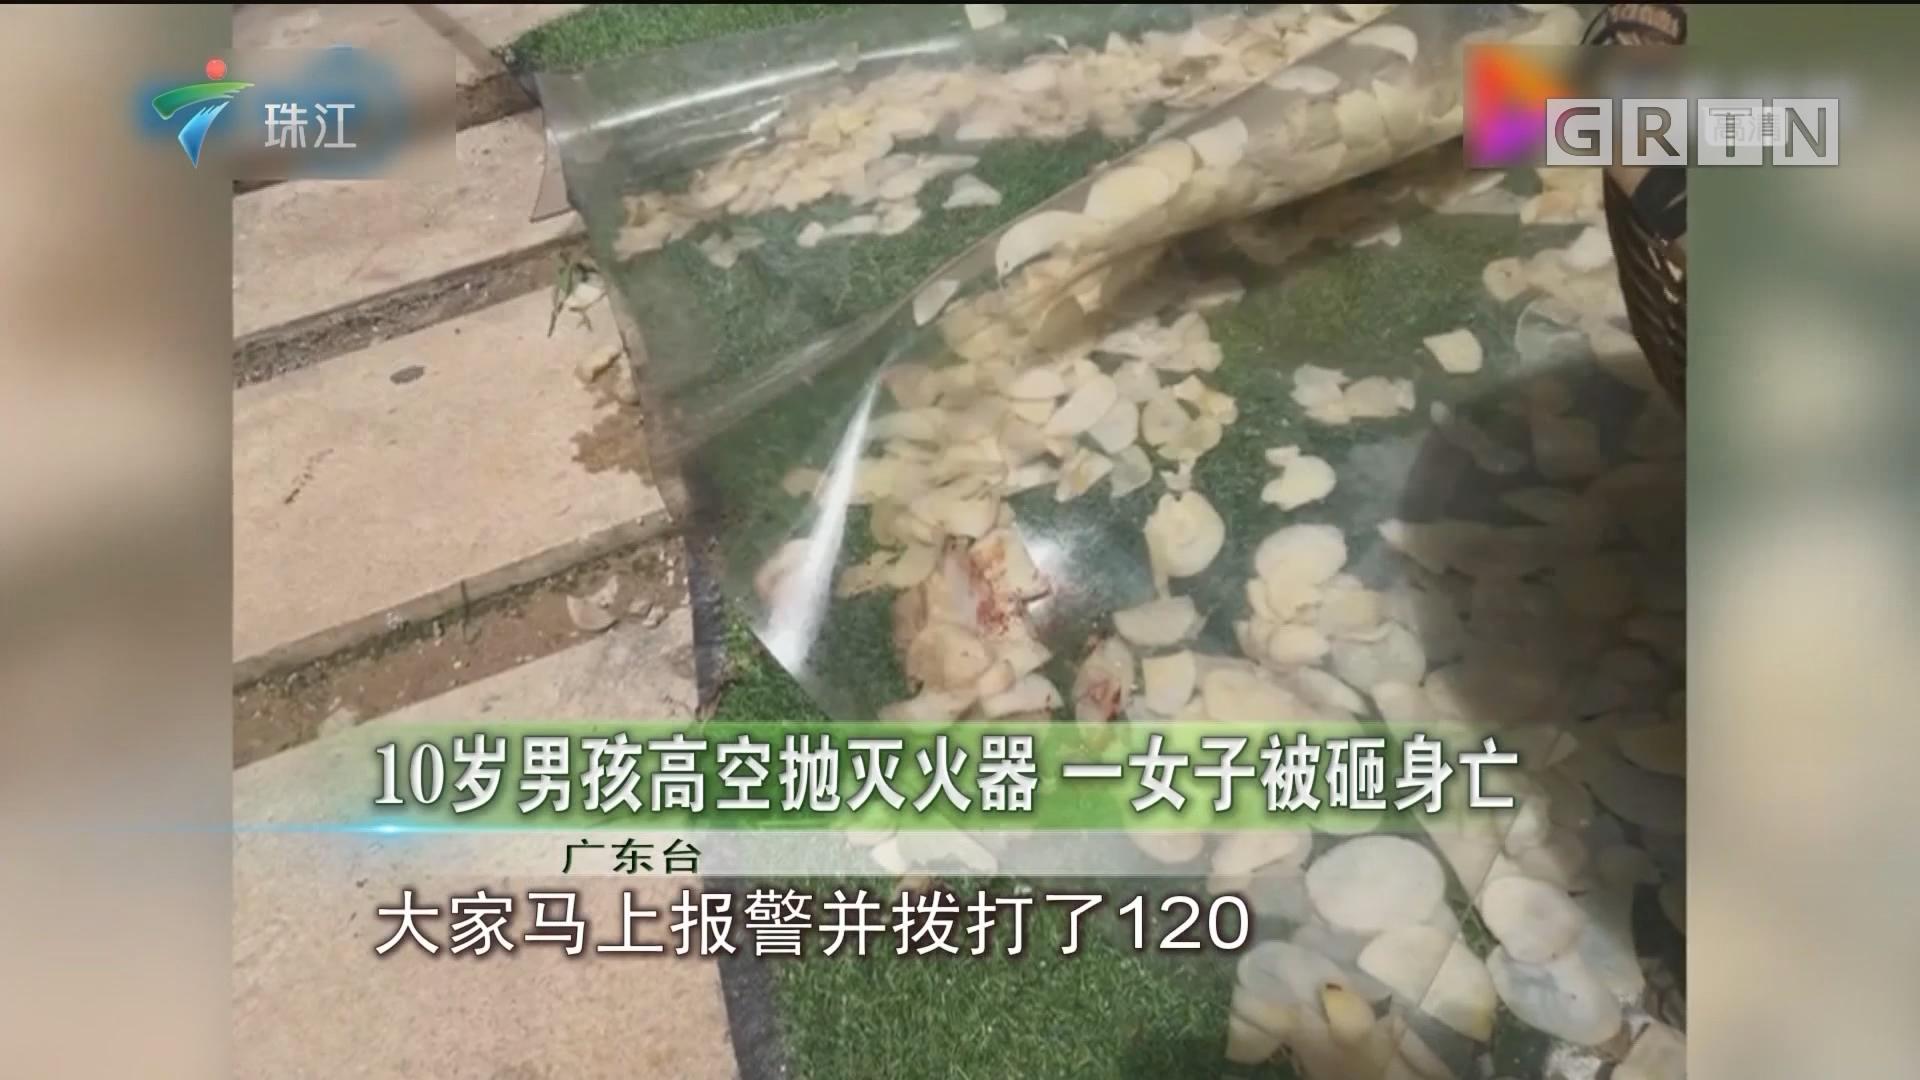 10岁男孩高空抛灭火器 一女子被砸身亡